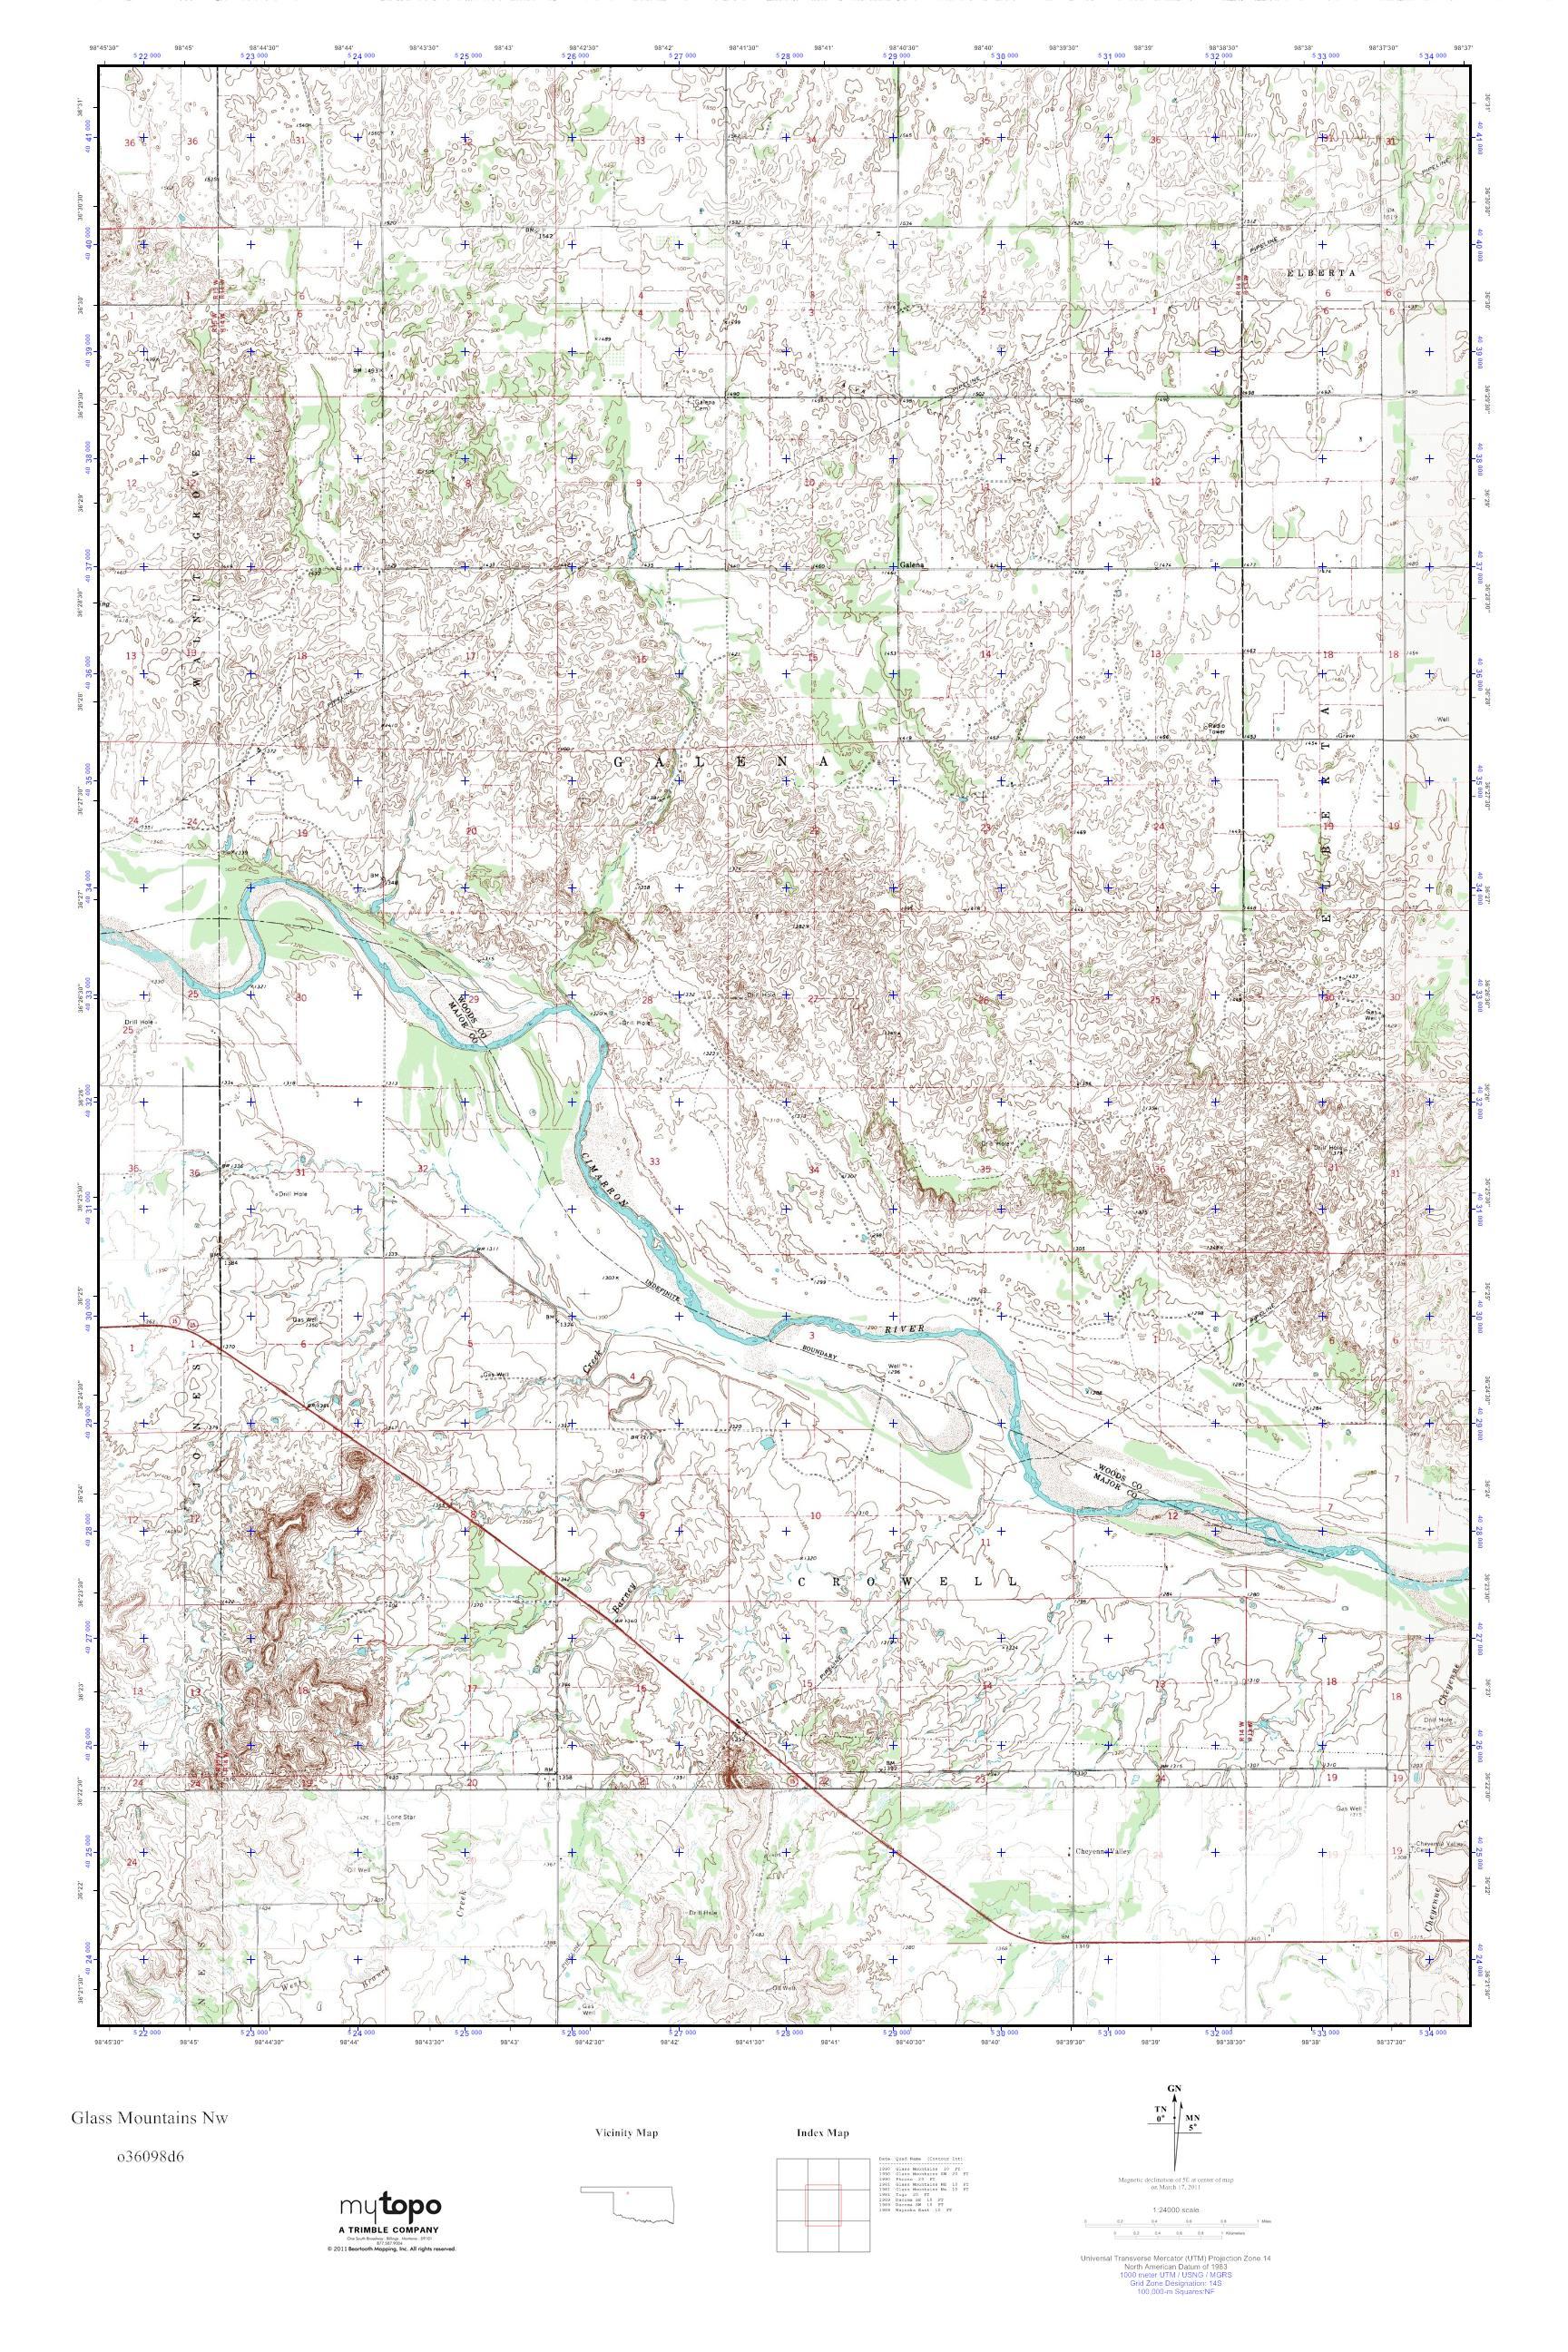 Mountains In Oklahoma Map.Mytopo Glass Mountains Nw Oklahoma Usgs Quad Topo Map